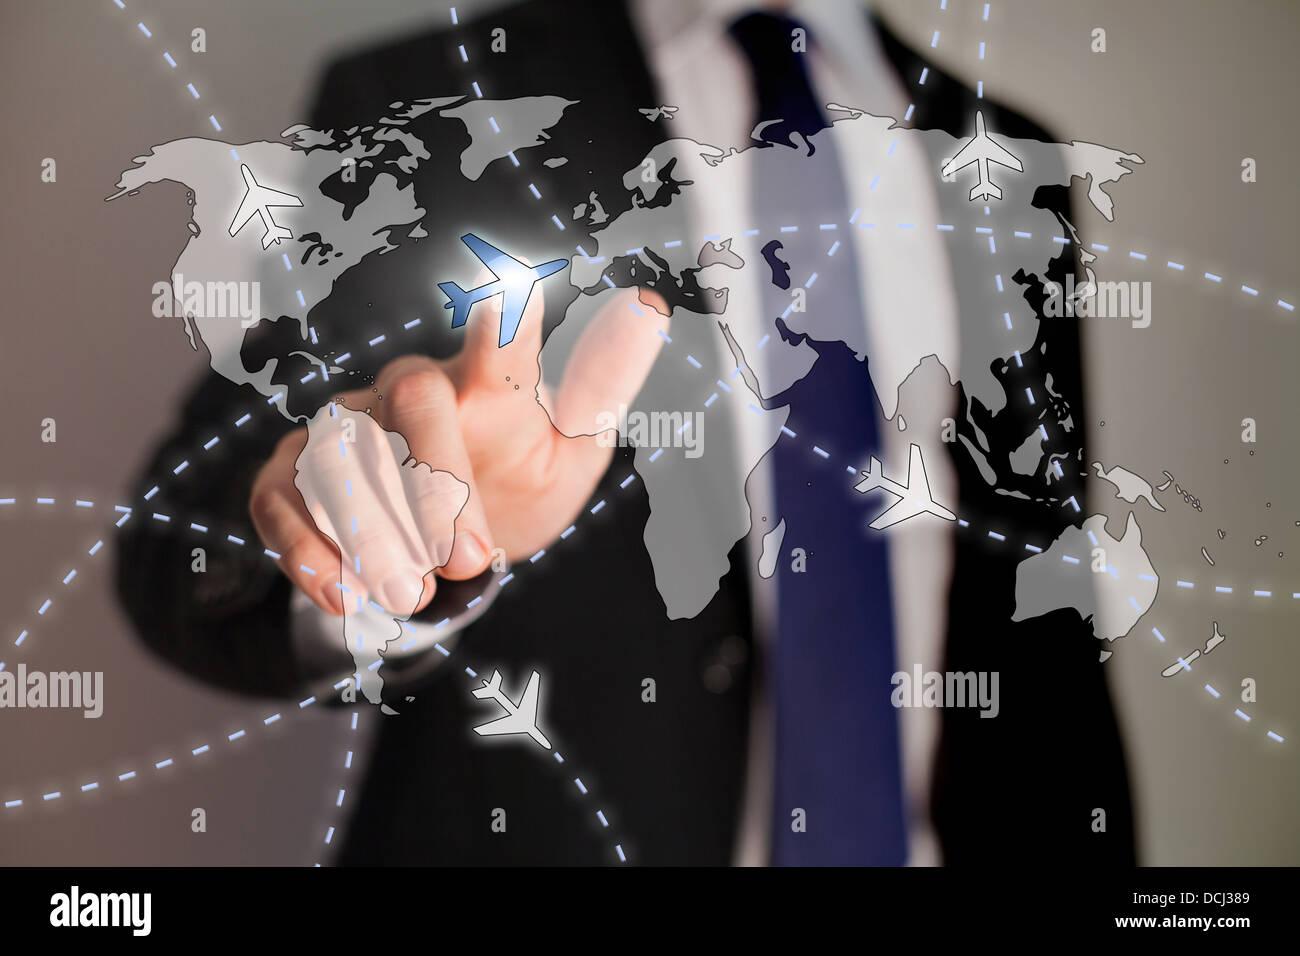 Reisen Geschäftskonzept, Wege der Flugzeuge auf der Weltkarte Stockbild